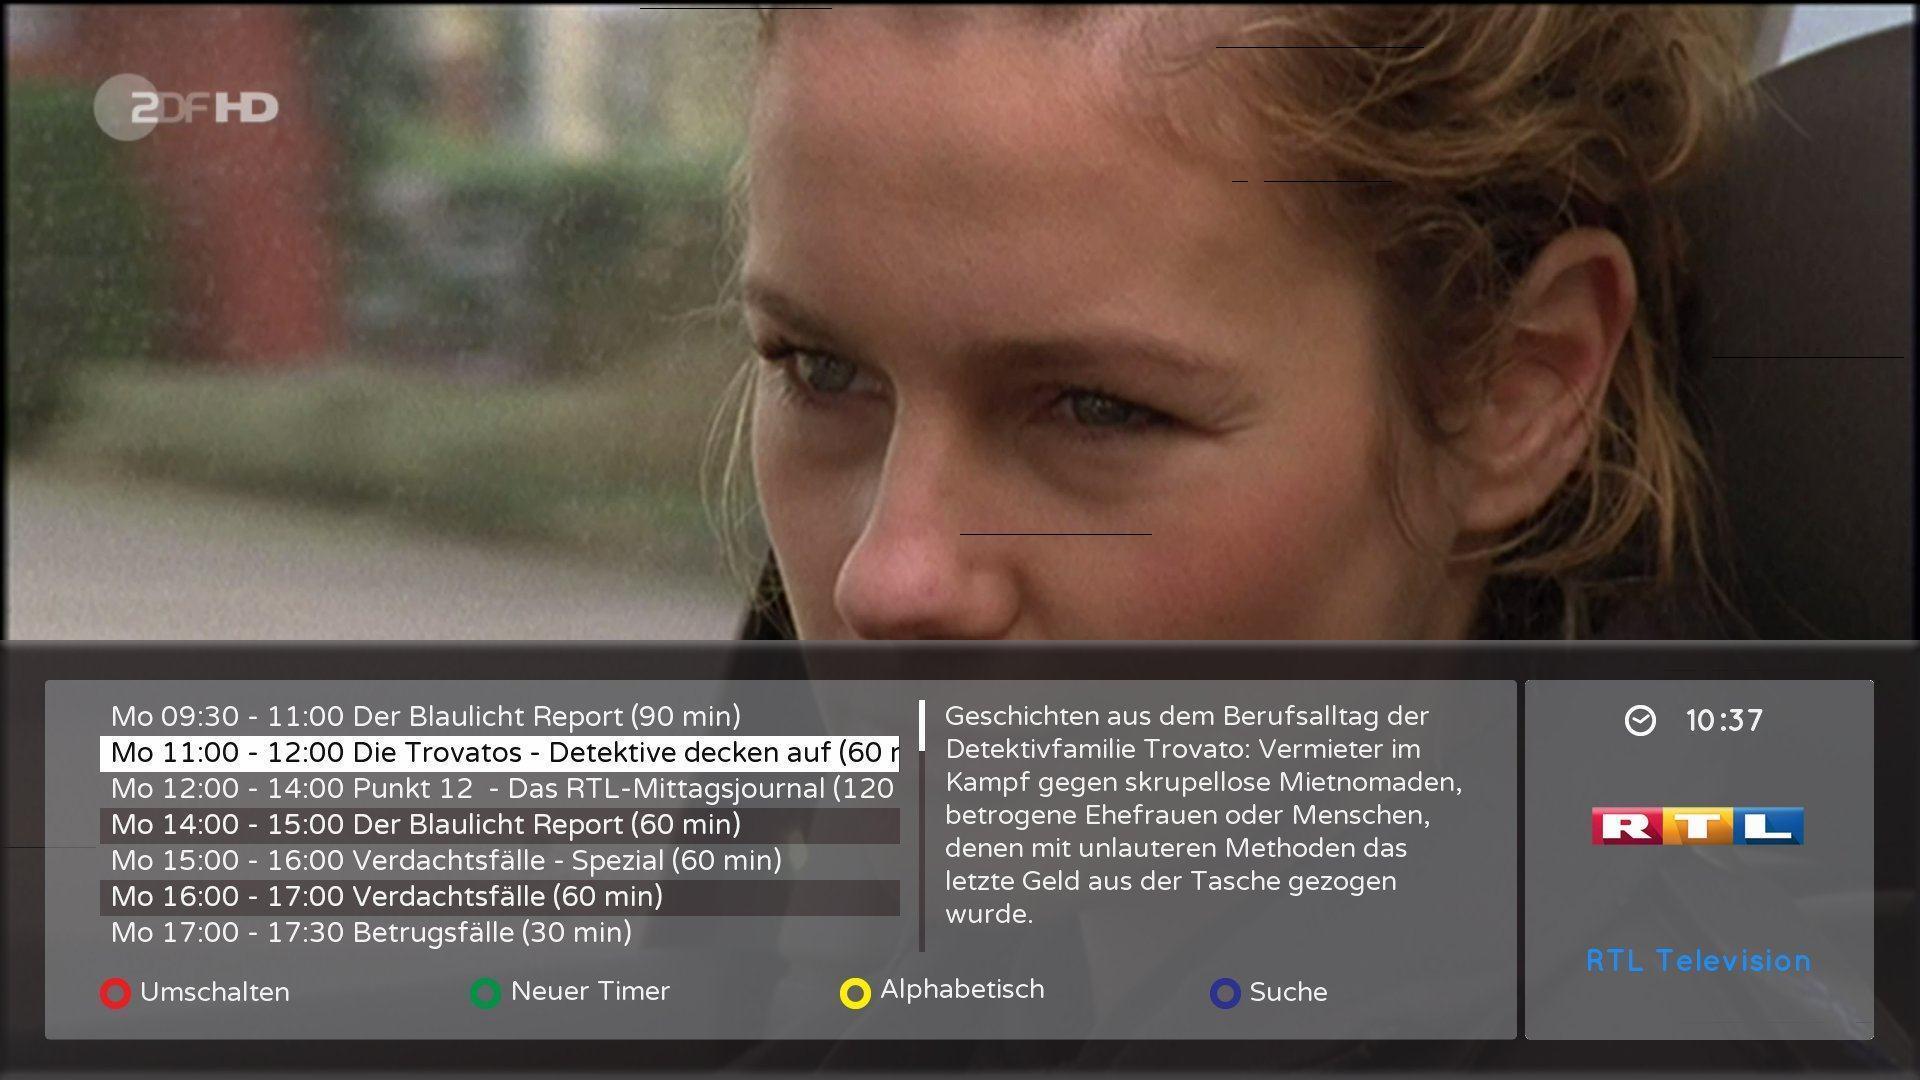 VTi 11.0 Image passend zum Start der VU+ Uno 4K erschienen 13